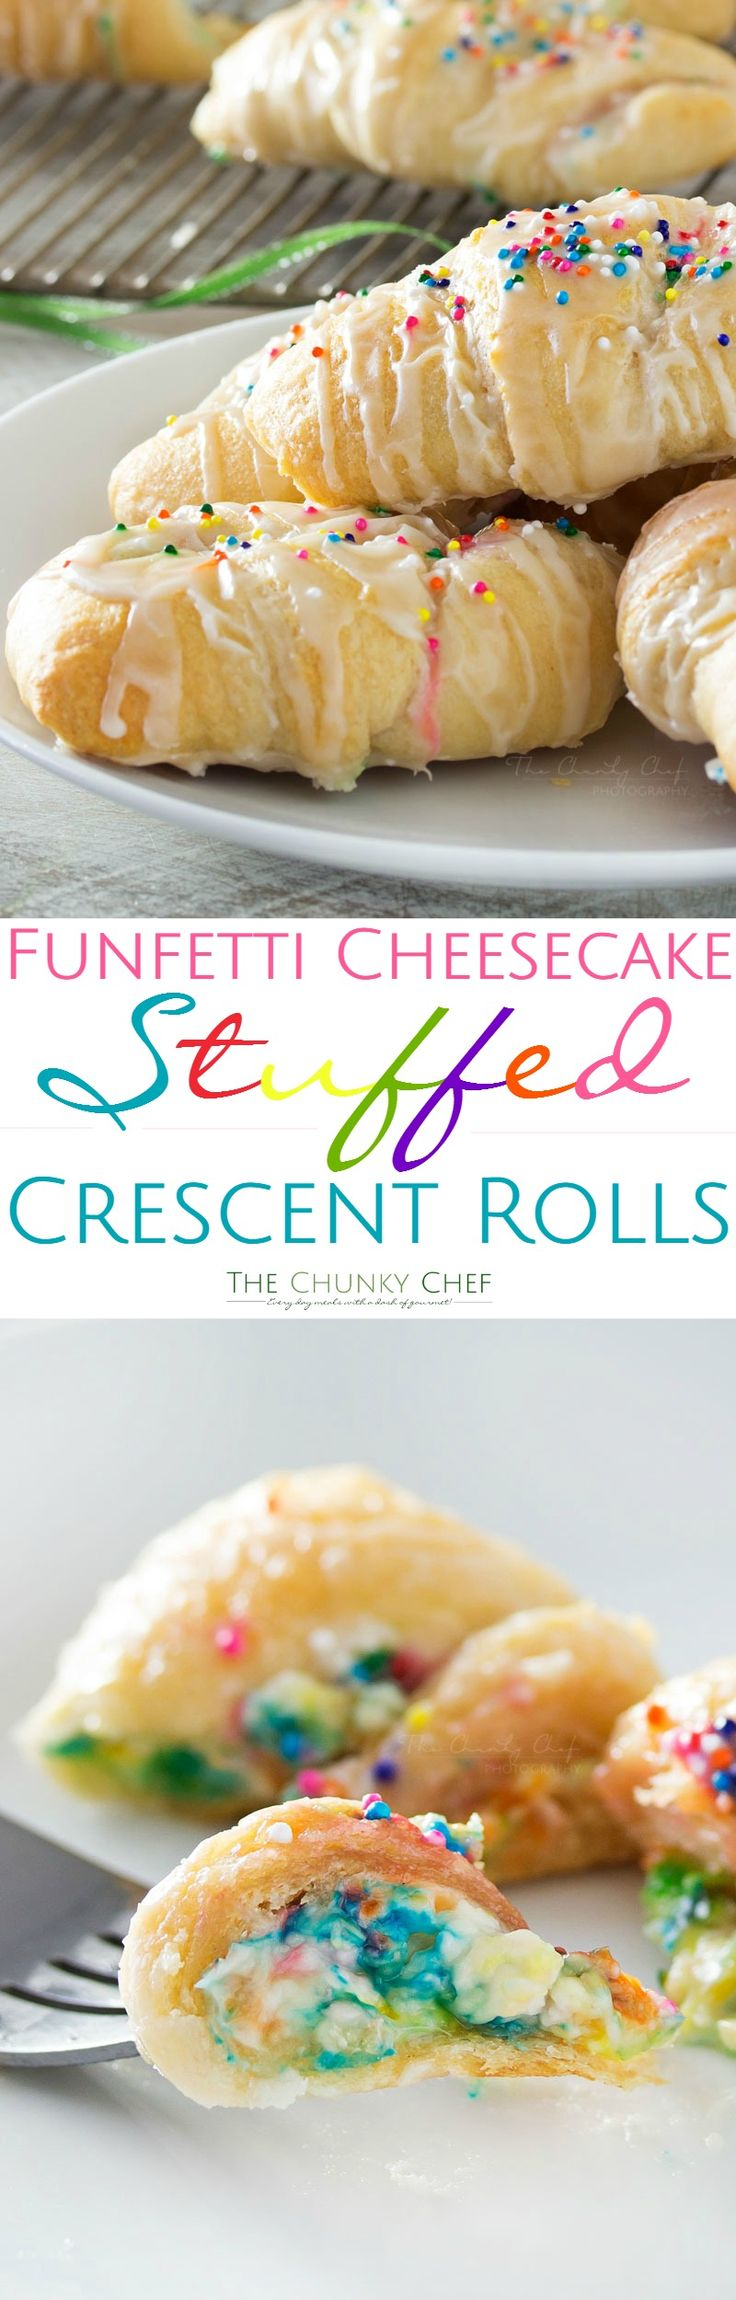 Funfetti-Cheesecake-relleno-Crescent-Rolls - Buttery crescent rollos se llenan con una propagación de pastel de queso funfetti fácil, horneado hasta dorado y rociado con un esmalte de vainilla !!  Perfecto para los niños!  |  Http://thechunkychef.com